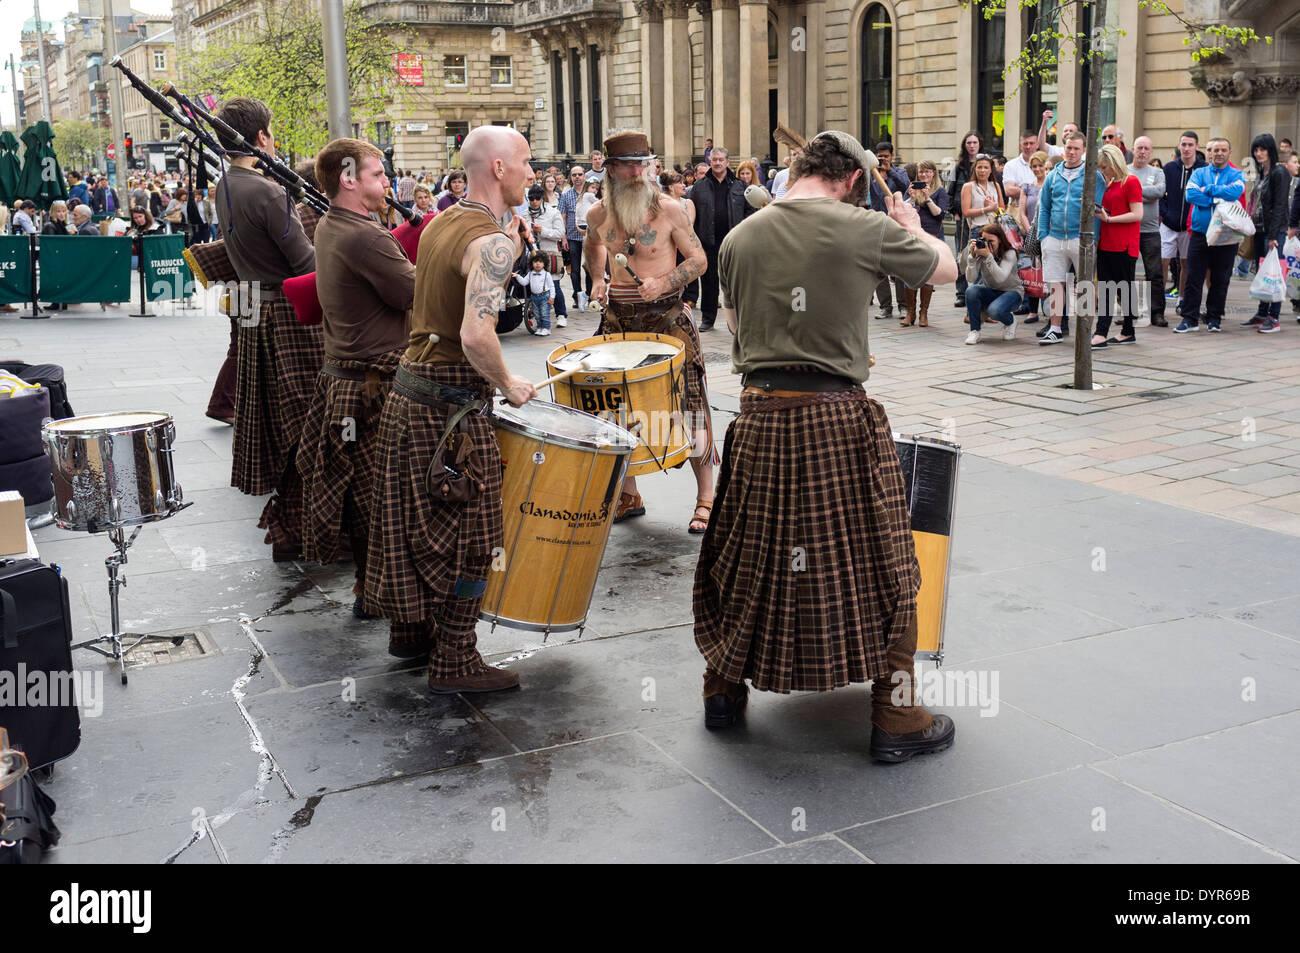 Grupo escocés Clanadonia busking en Buchanan Street, Glasgow, Escocia, Reino Unido Imagen De Stock